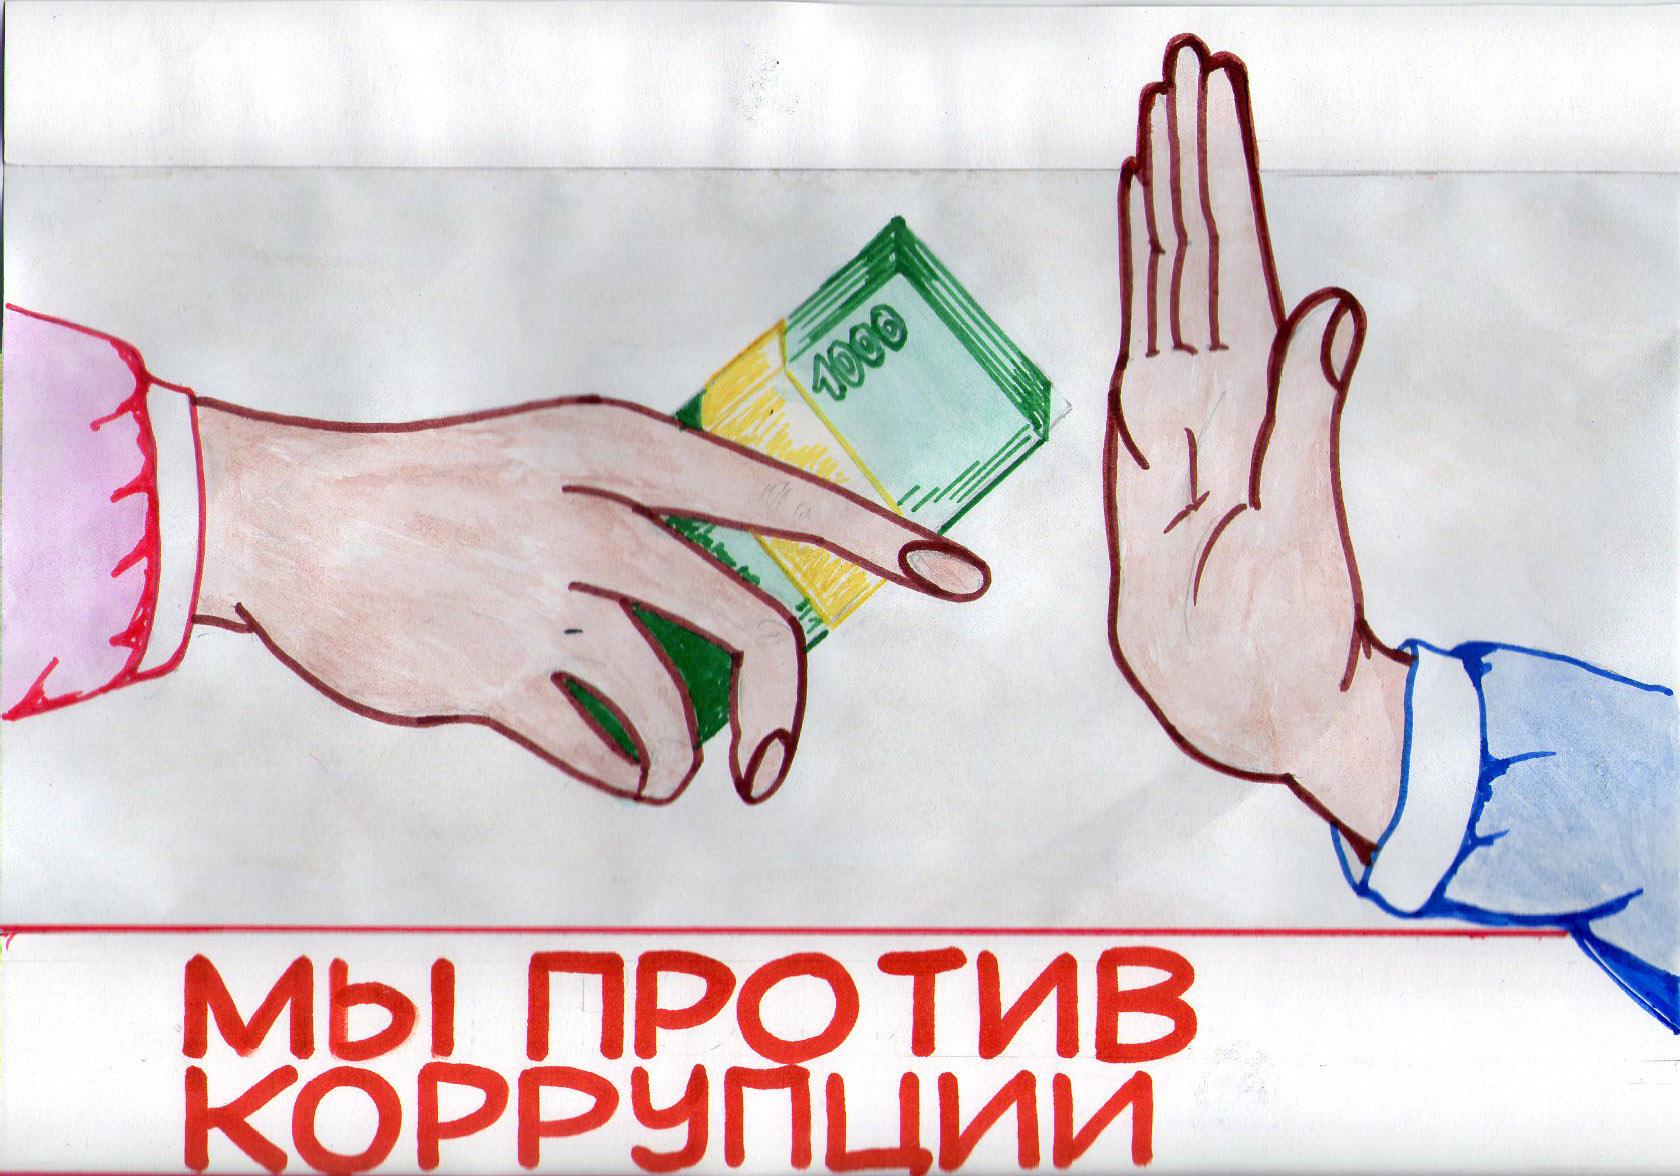 картинки с надписью мы против коррупции год начала появления